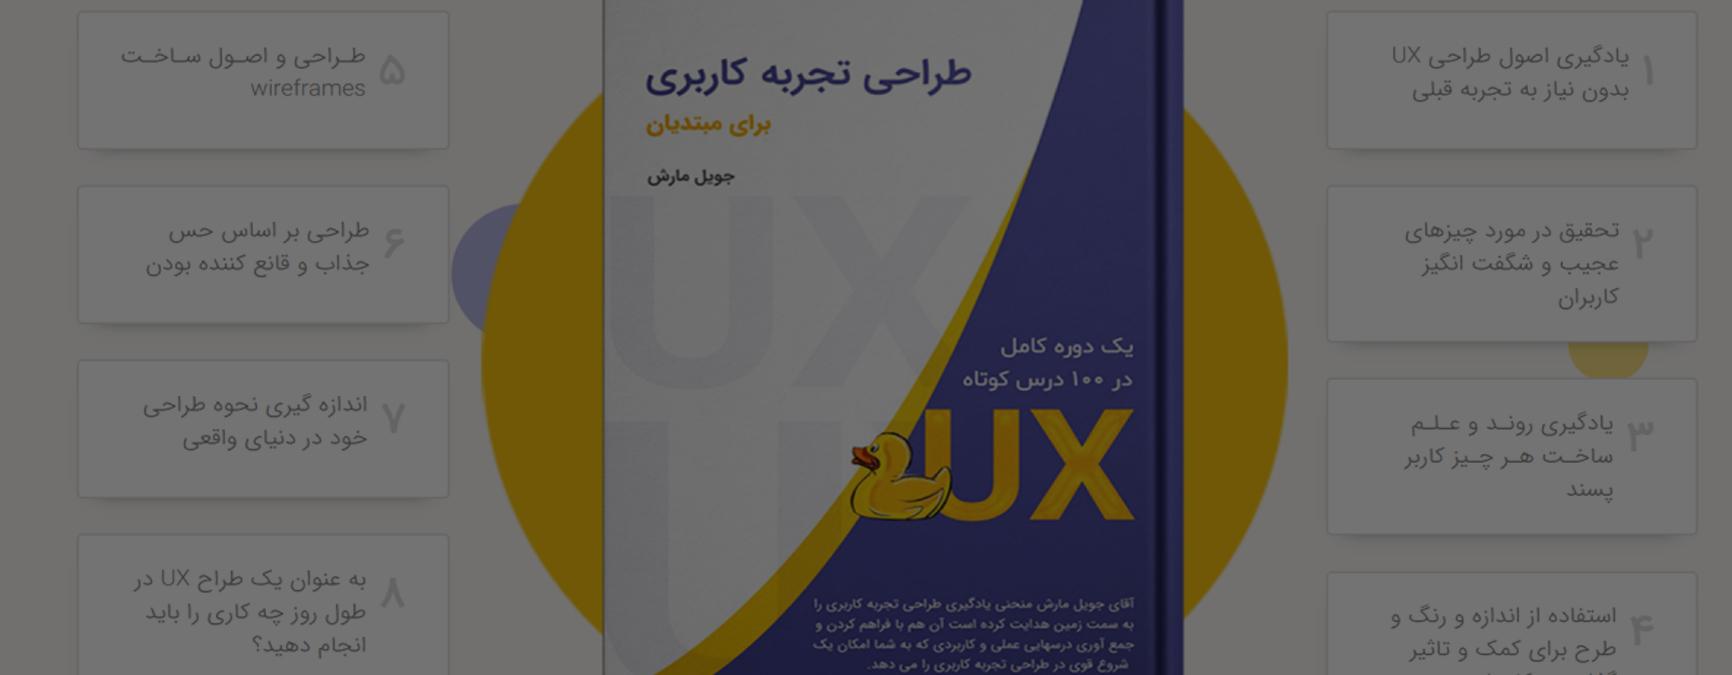 کمپین خرید نسخه چاپی کتاب طراحی تجربه کاربری برای مبتدیان آغاز شد.